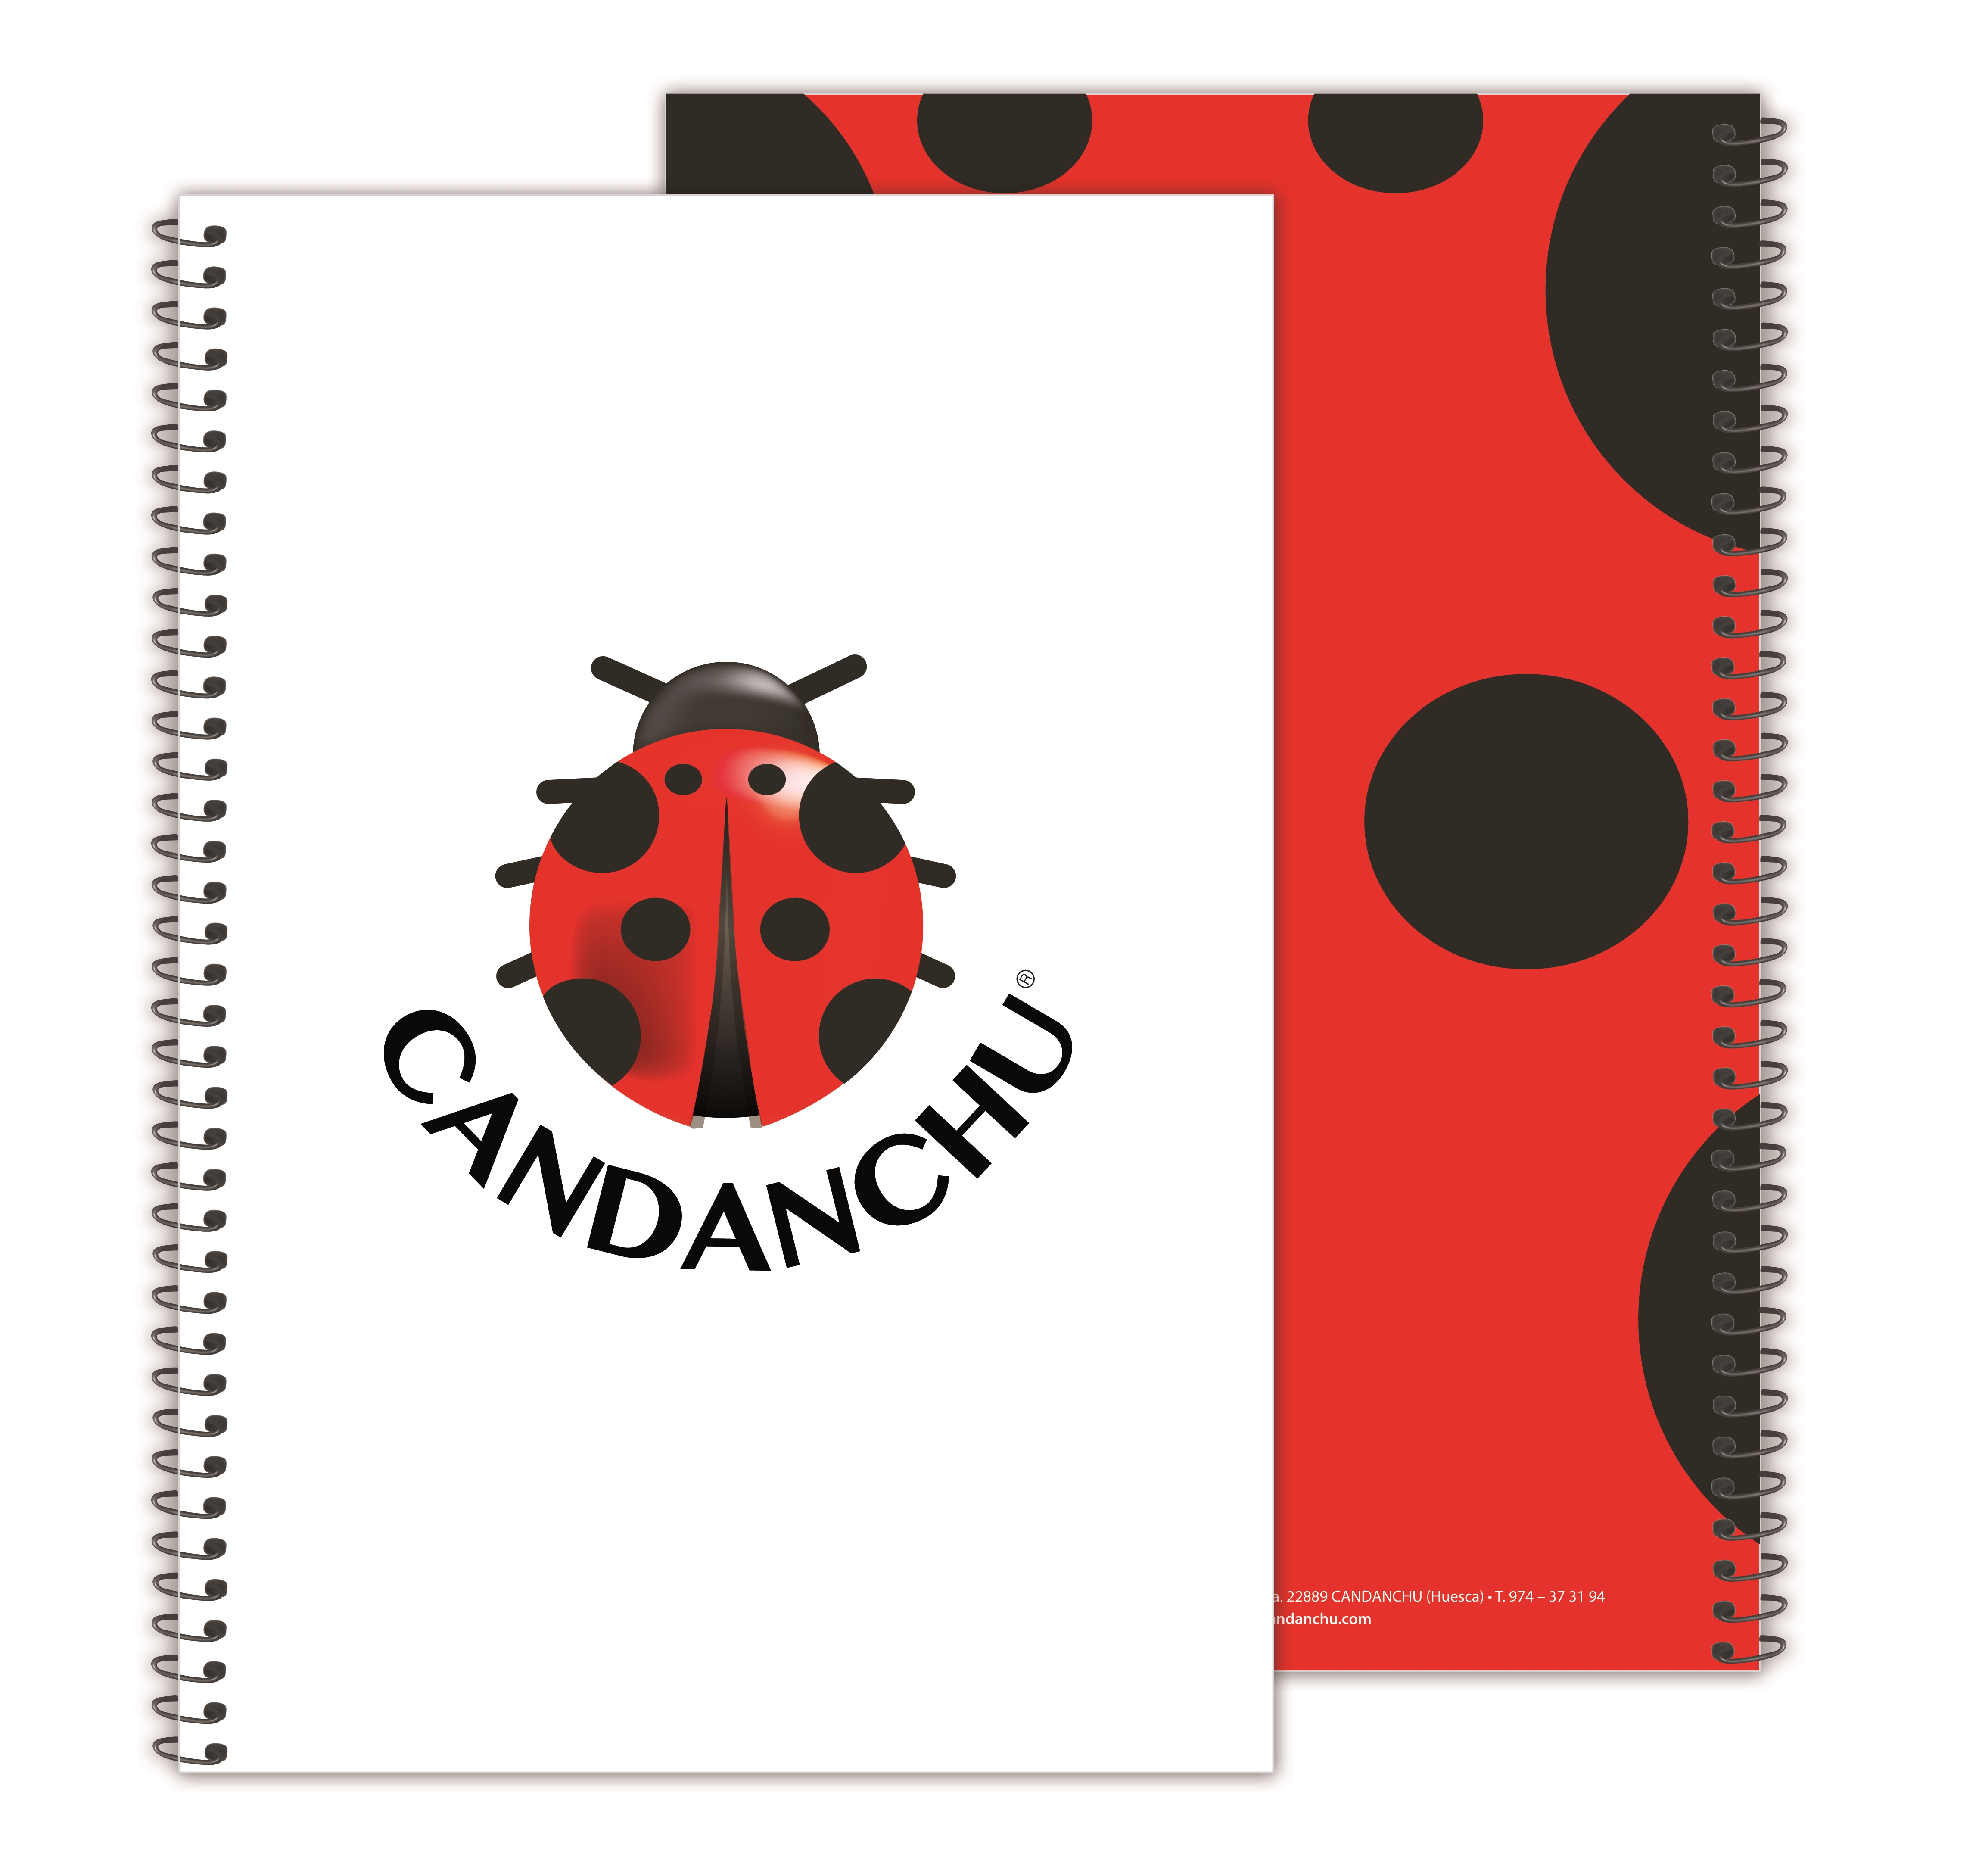 Candanchú cuaderno